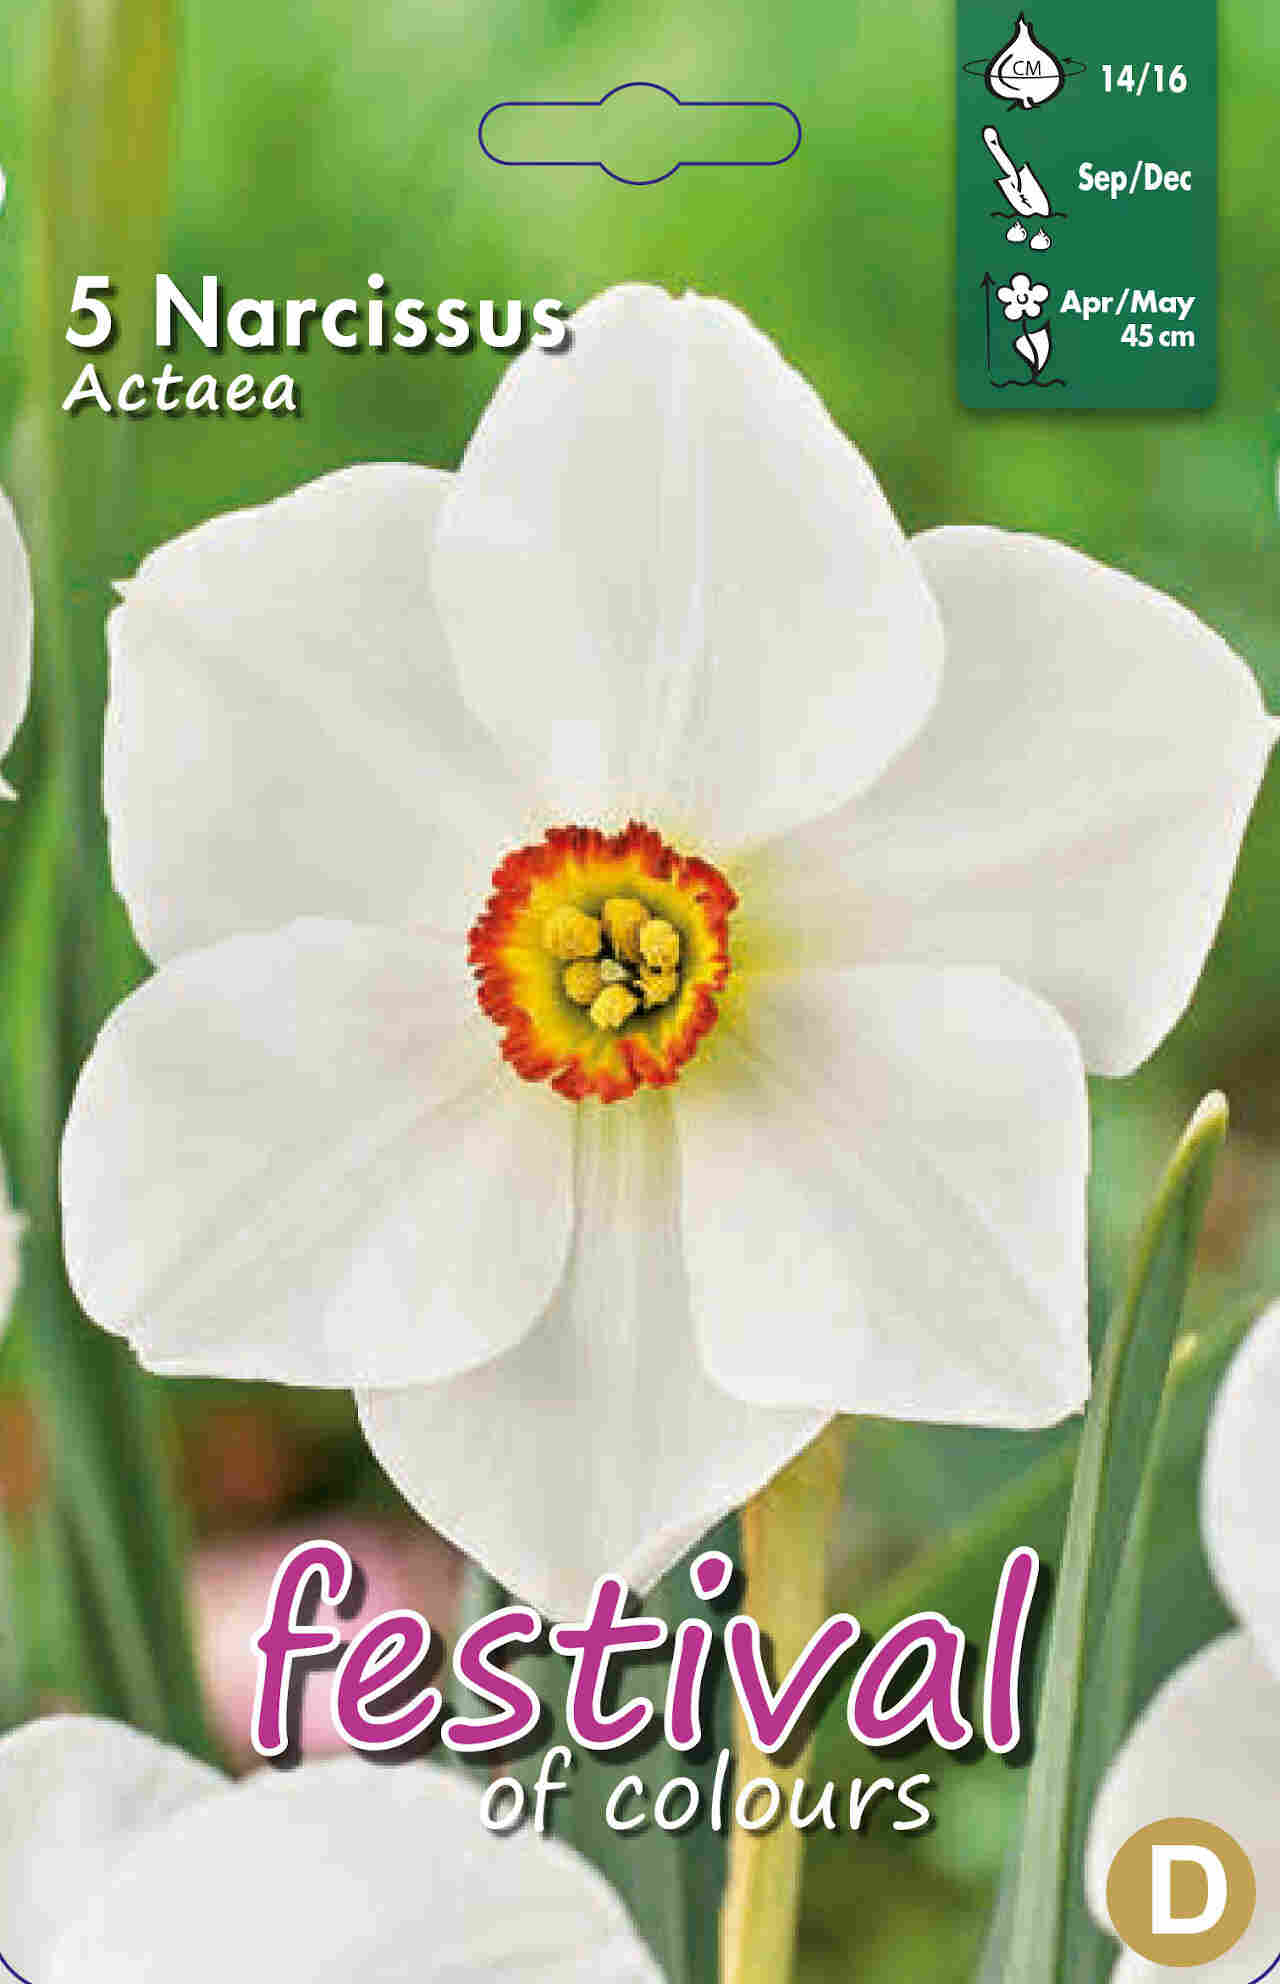 Påskeliljeløg - Narcissus Actaea 14/16